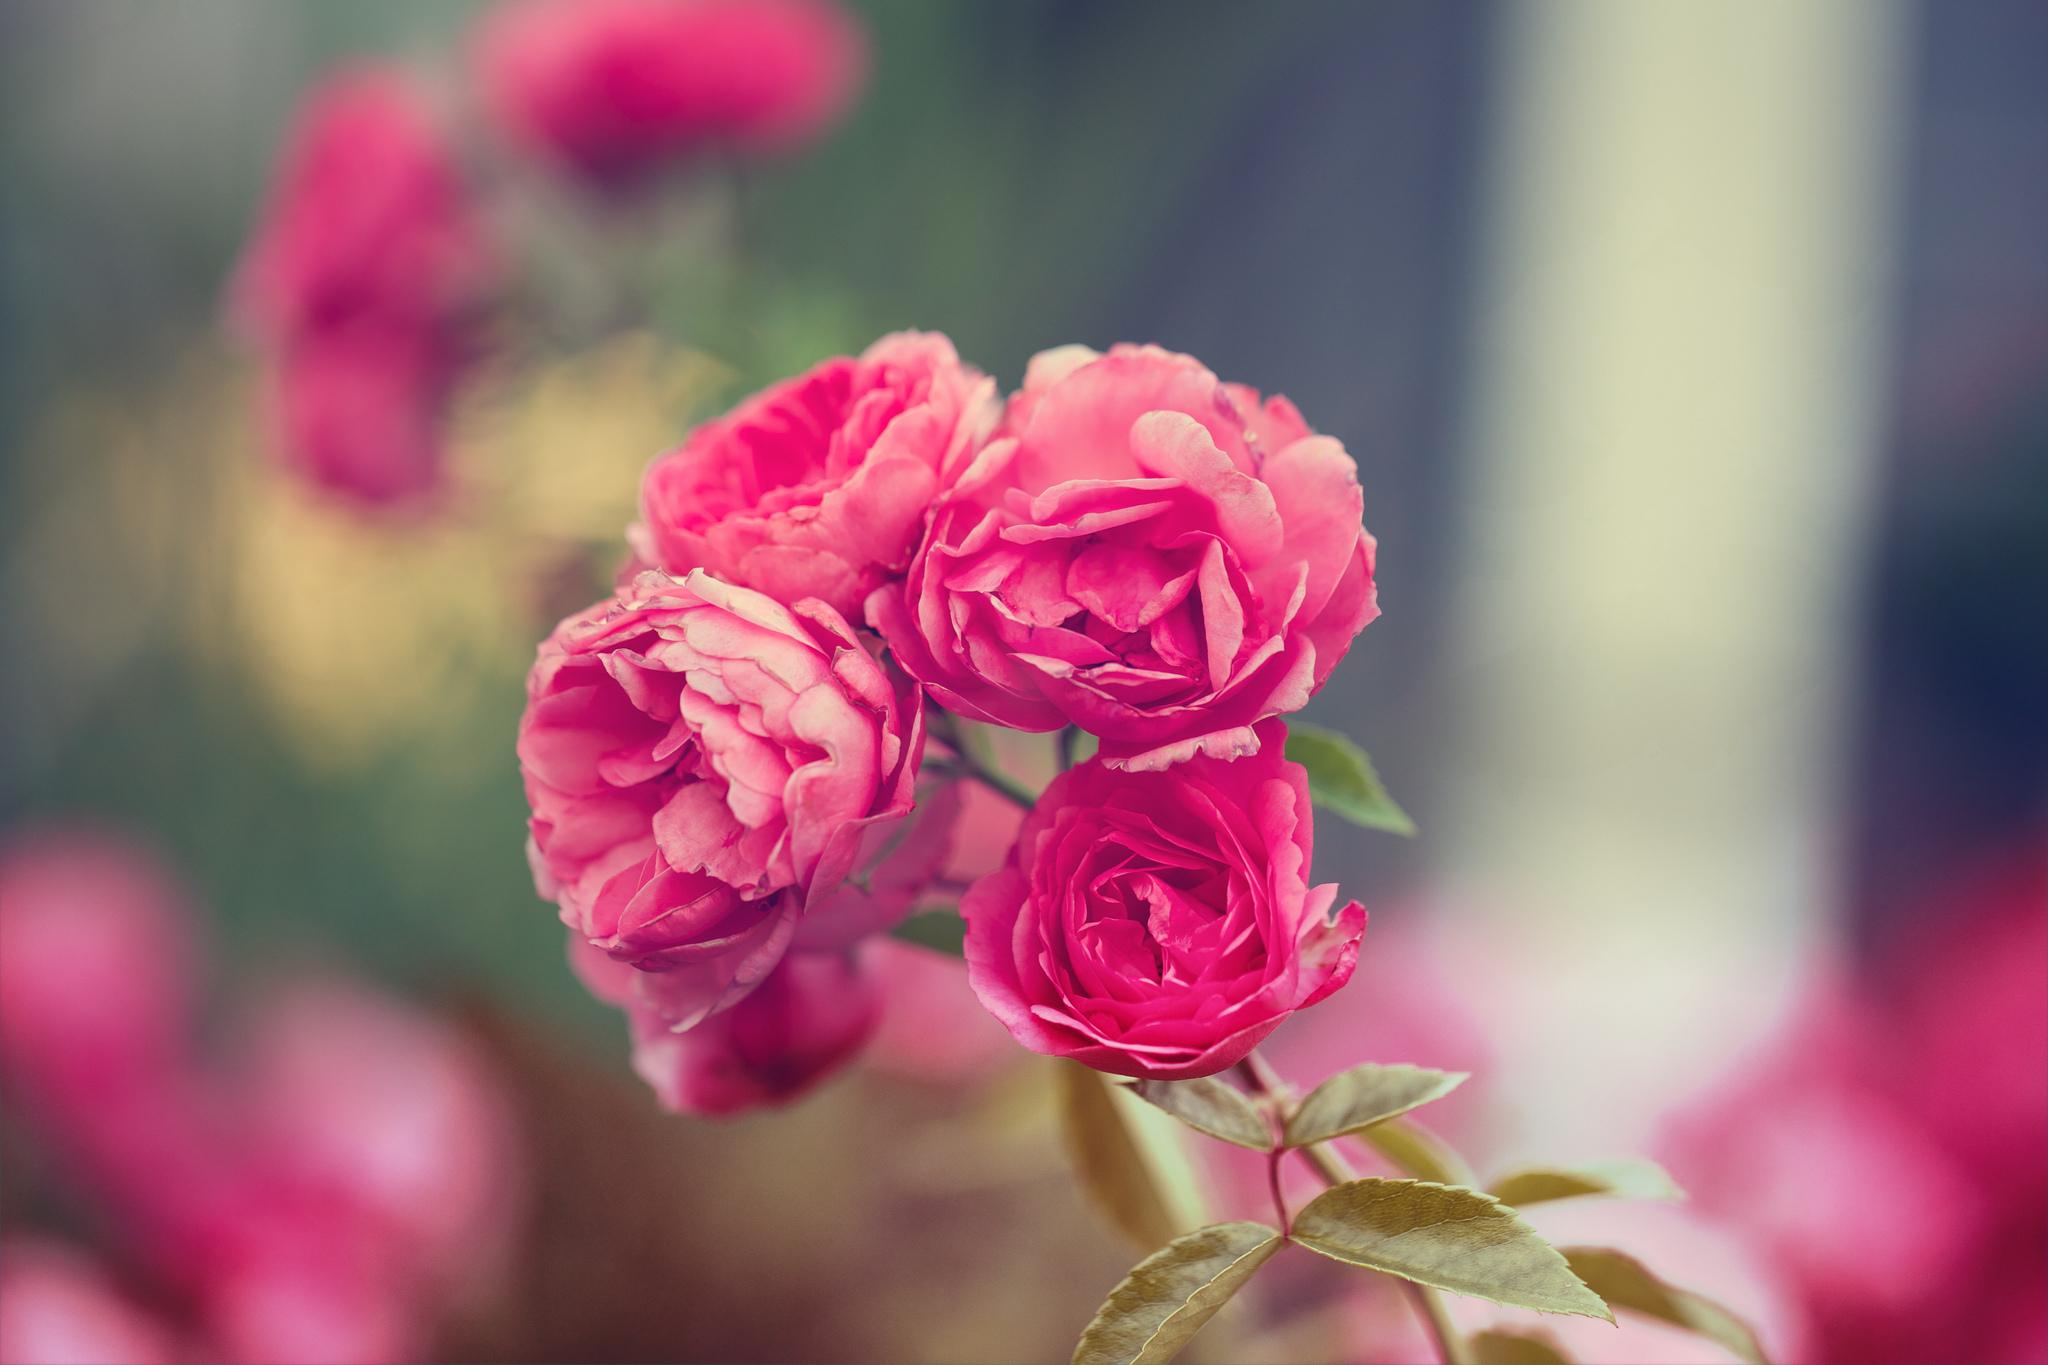 корзина цветы картинки размер 2048 1152 опубликованных материалах содержатся